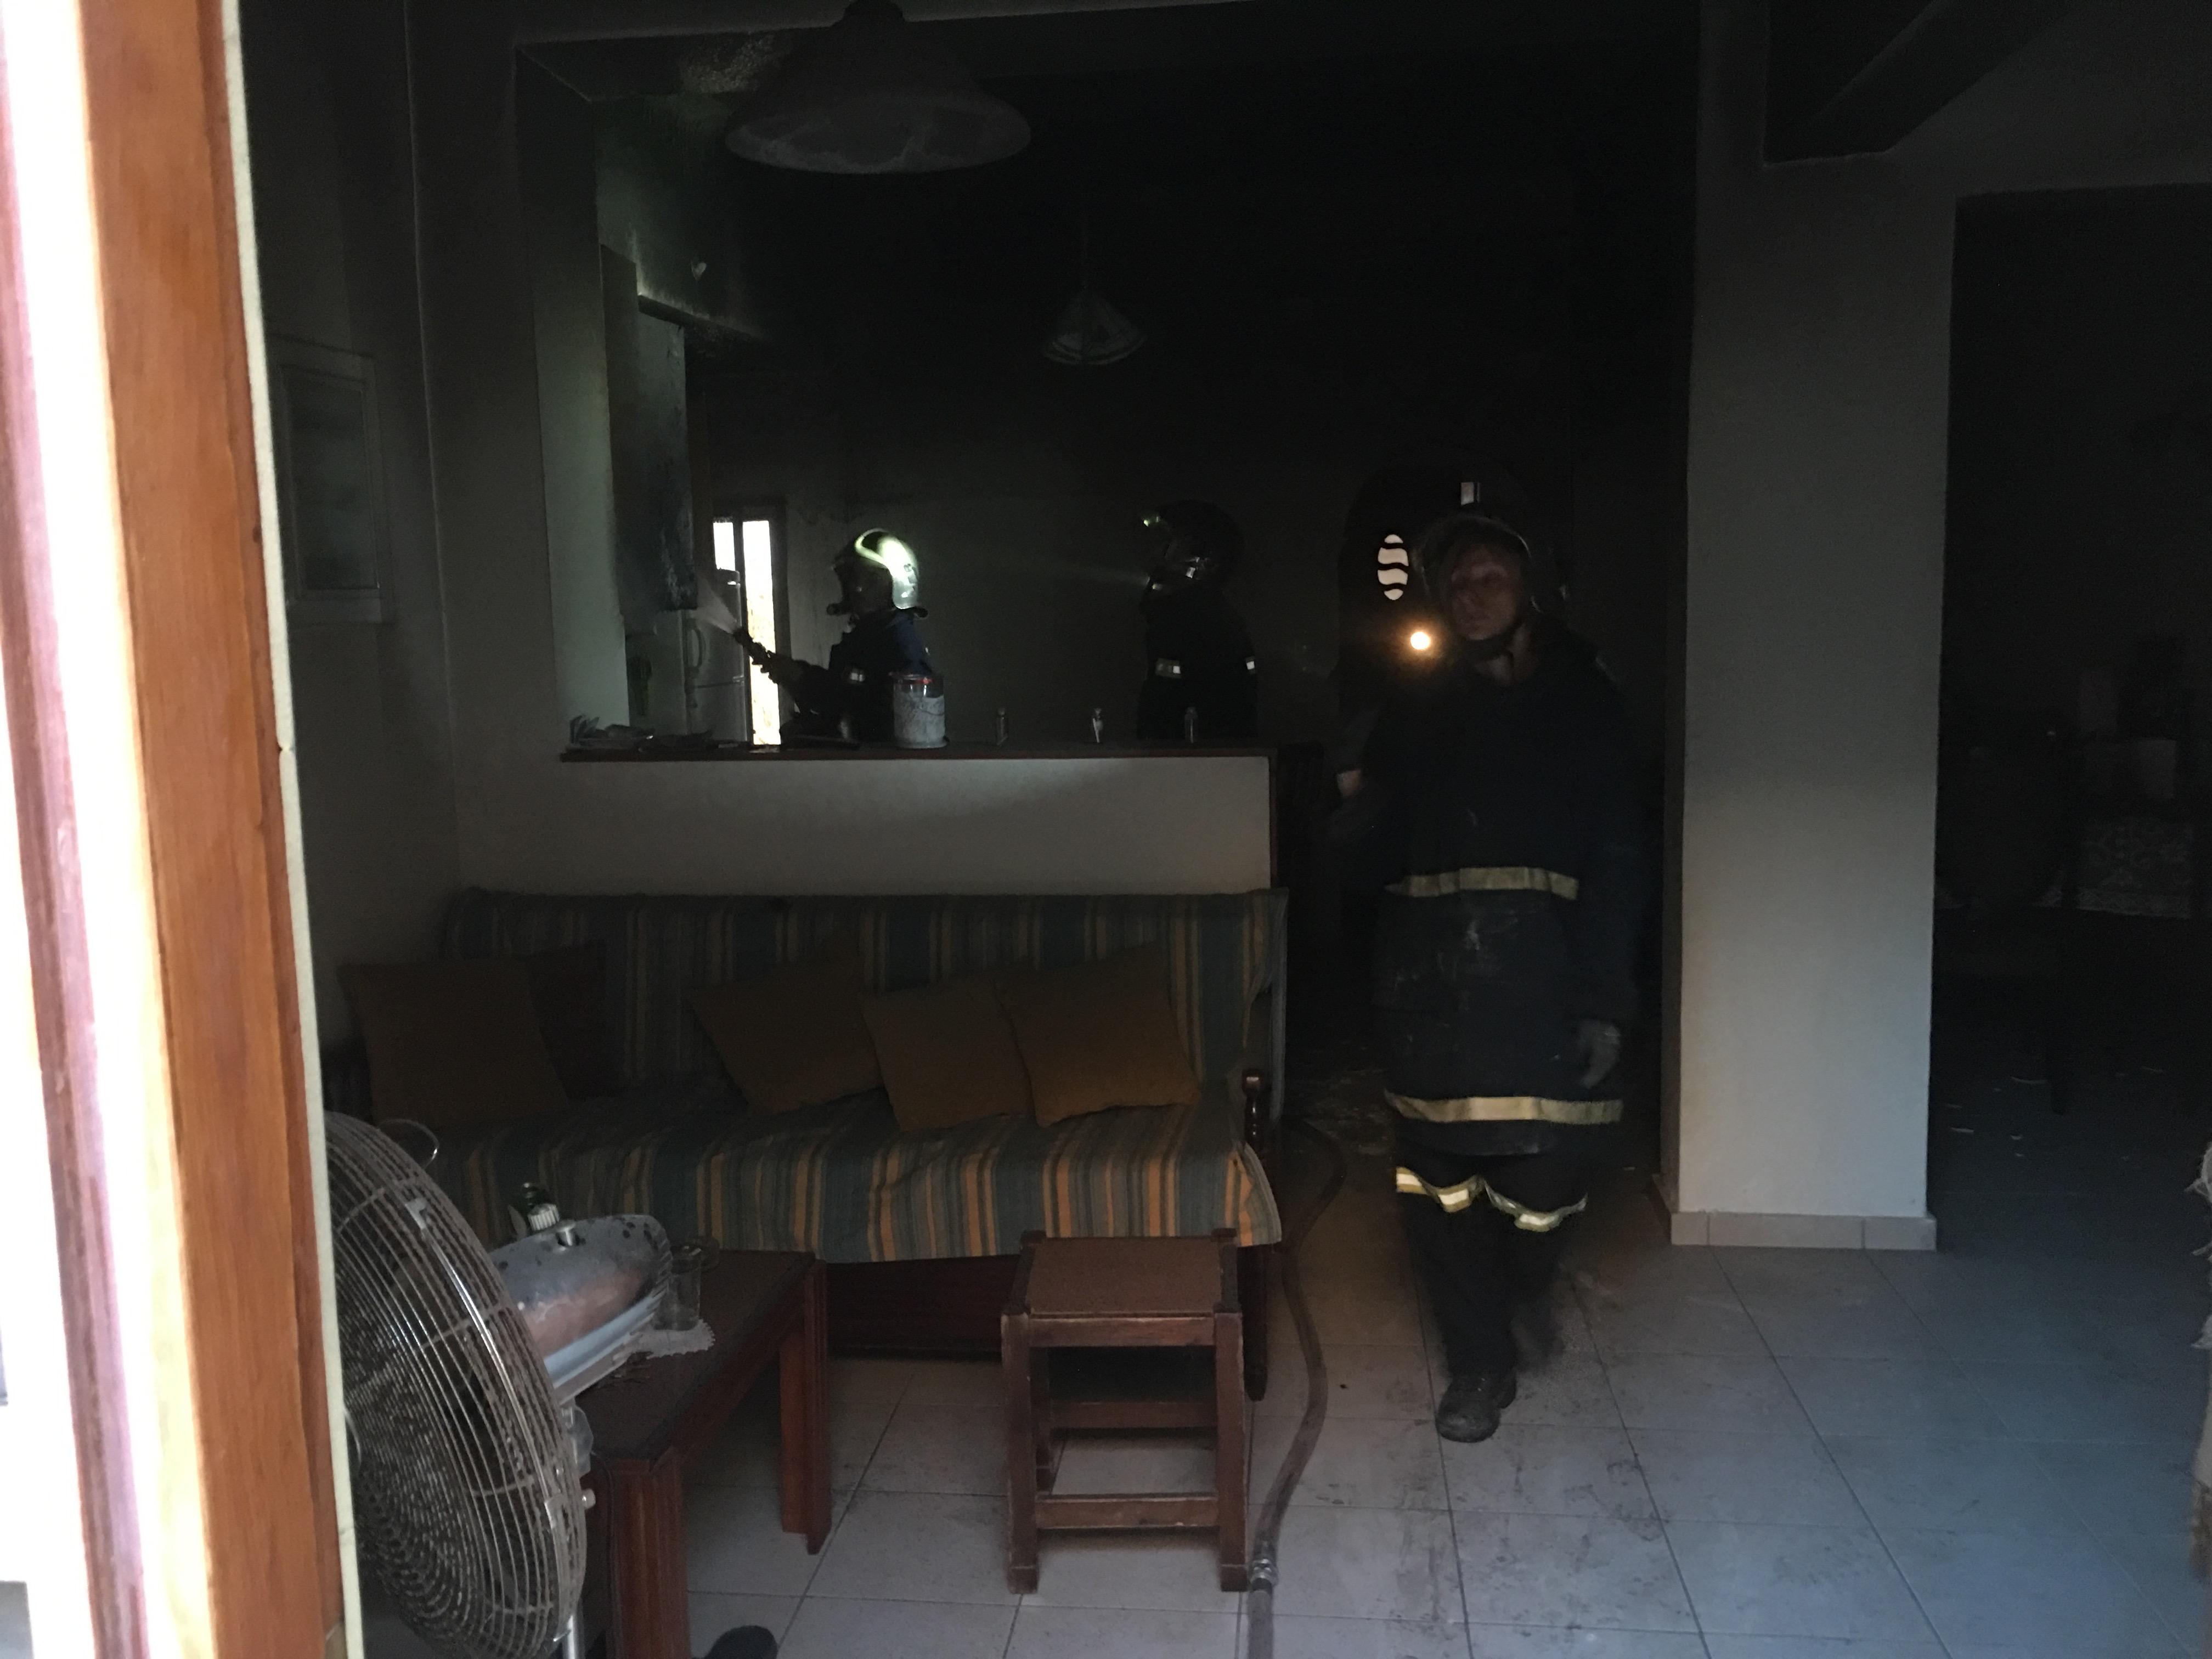 IMG_5081 Πυρκαγιά σε σπίτι της Αγίας Τριάδας - Δεν χωρούσαν τα οχήματα της Πυροσβεστικής - SOS από τη συνοικία!